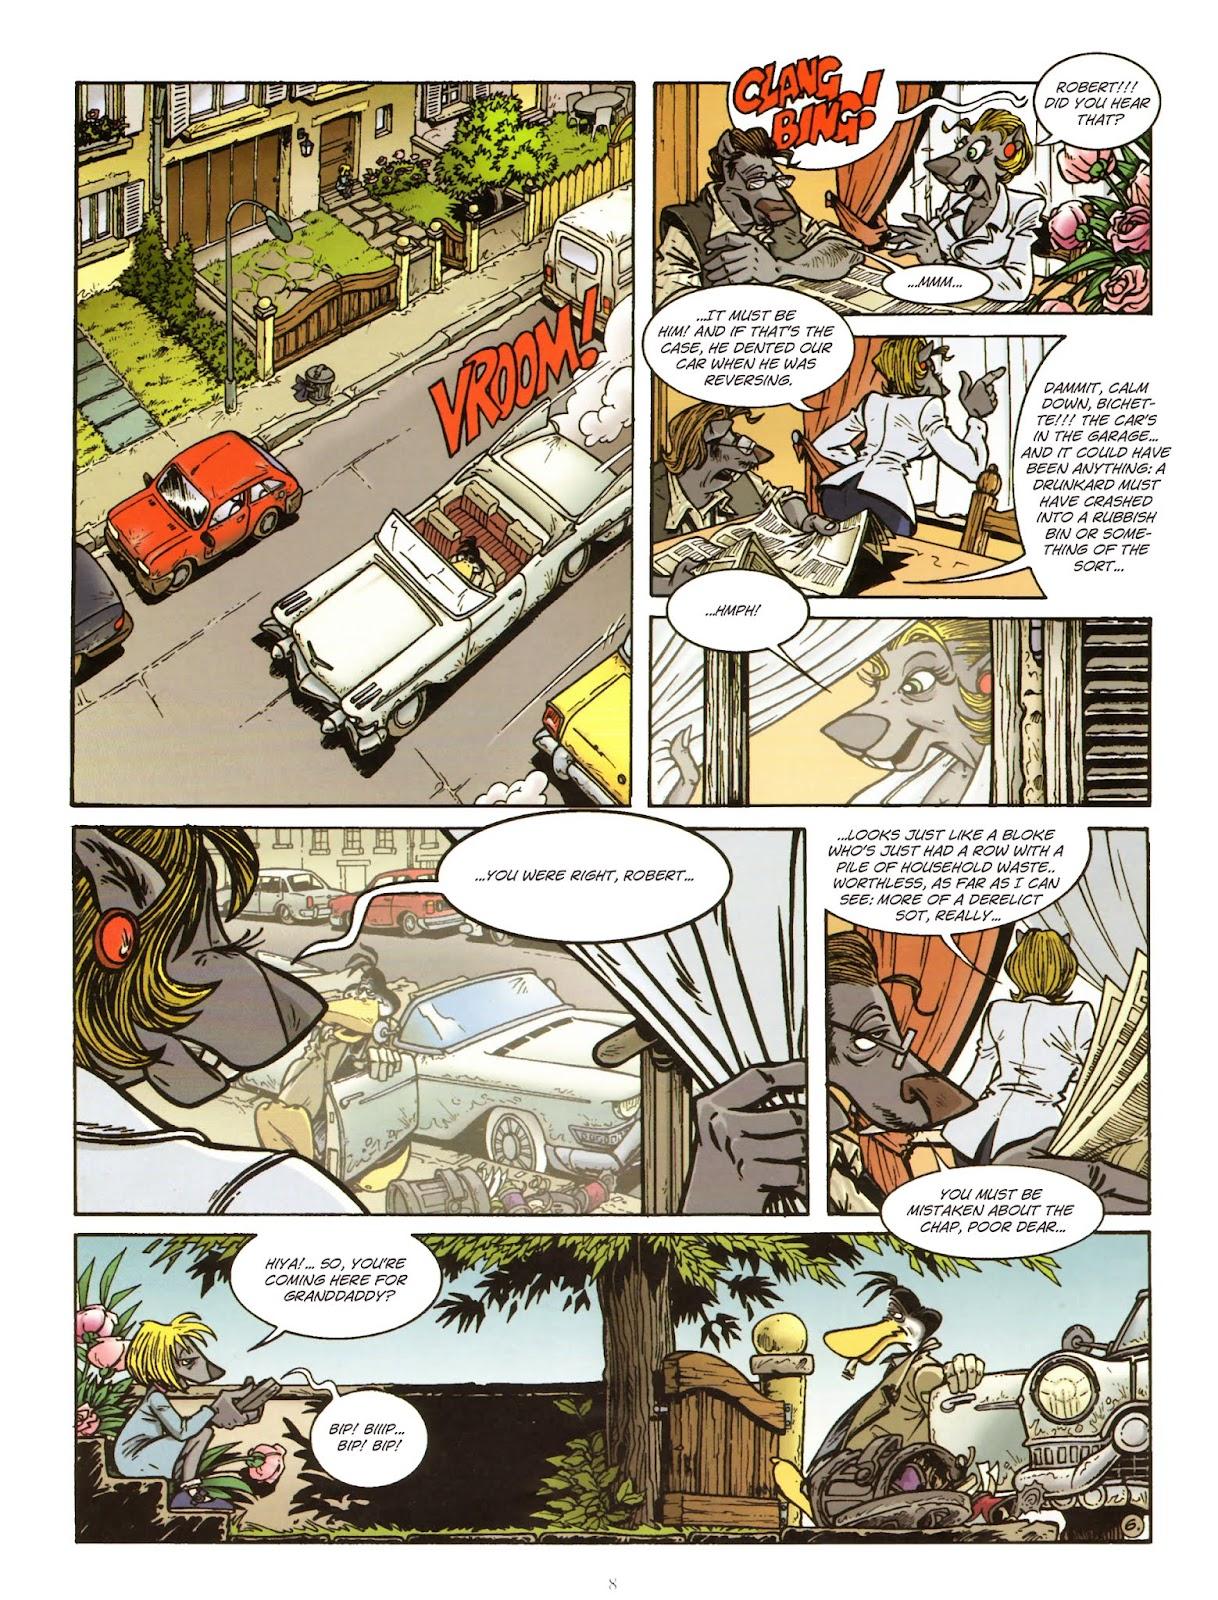 Une enquête de l'inspecteur Canardo issue 11 - Page 9